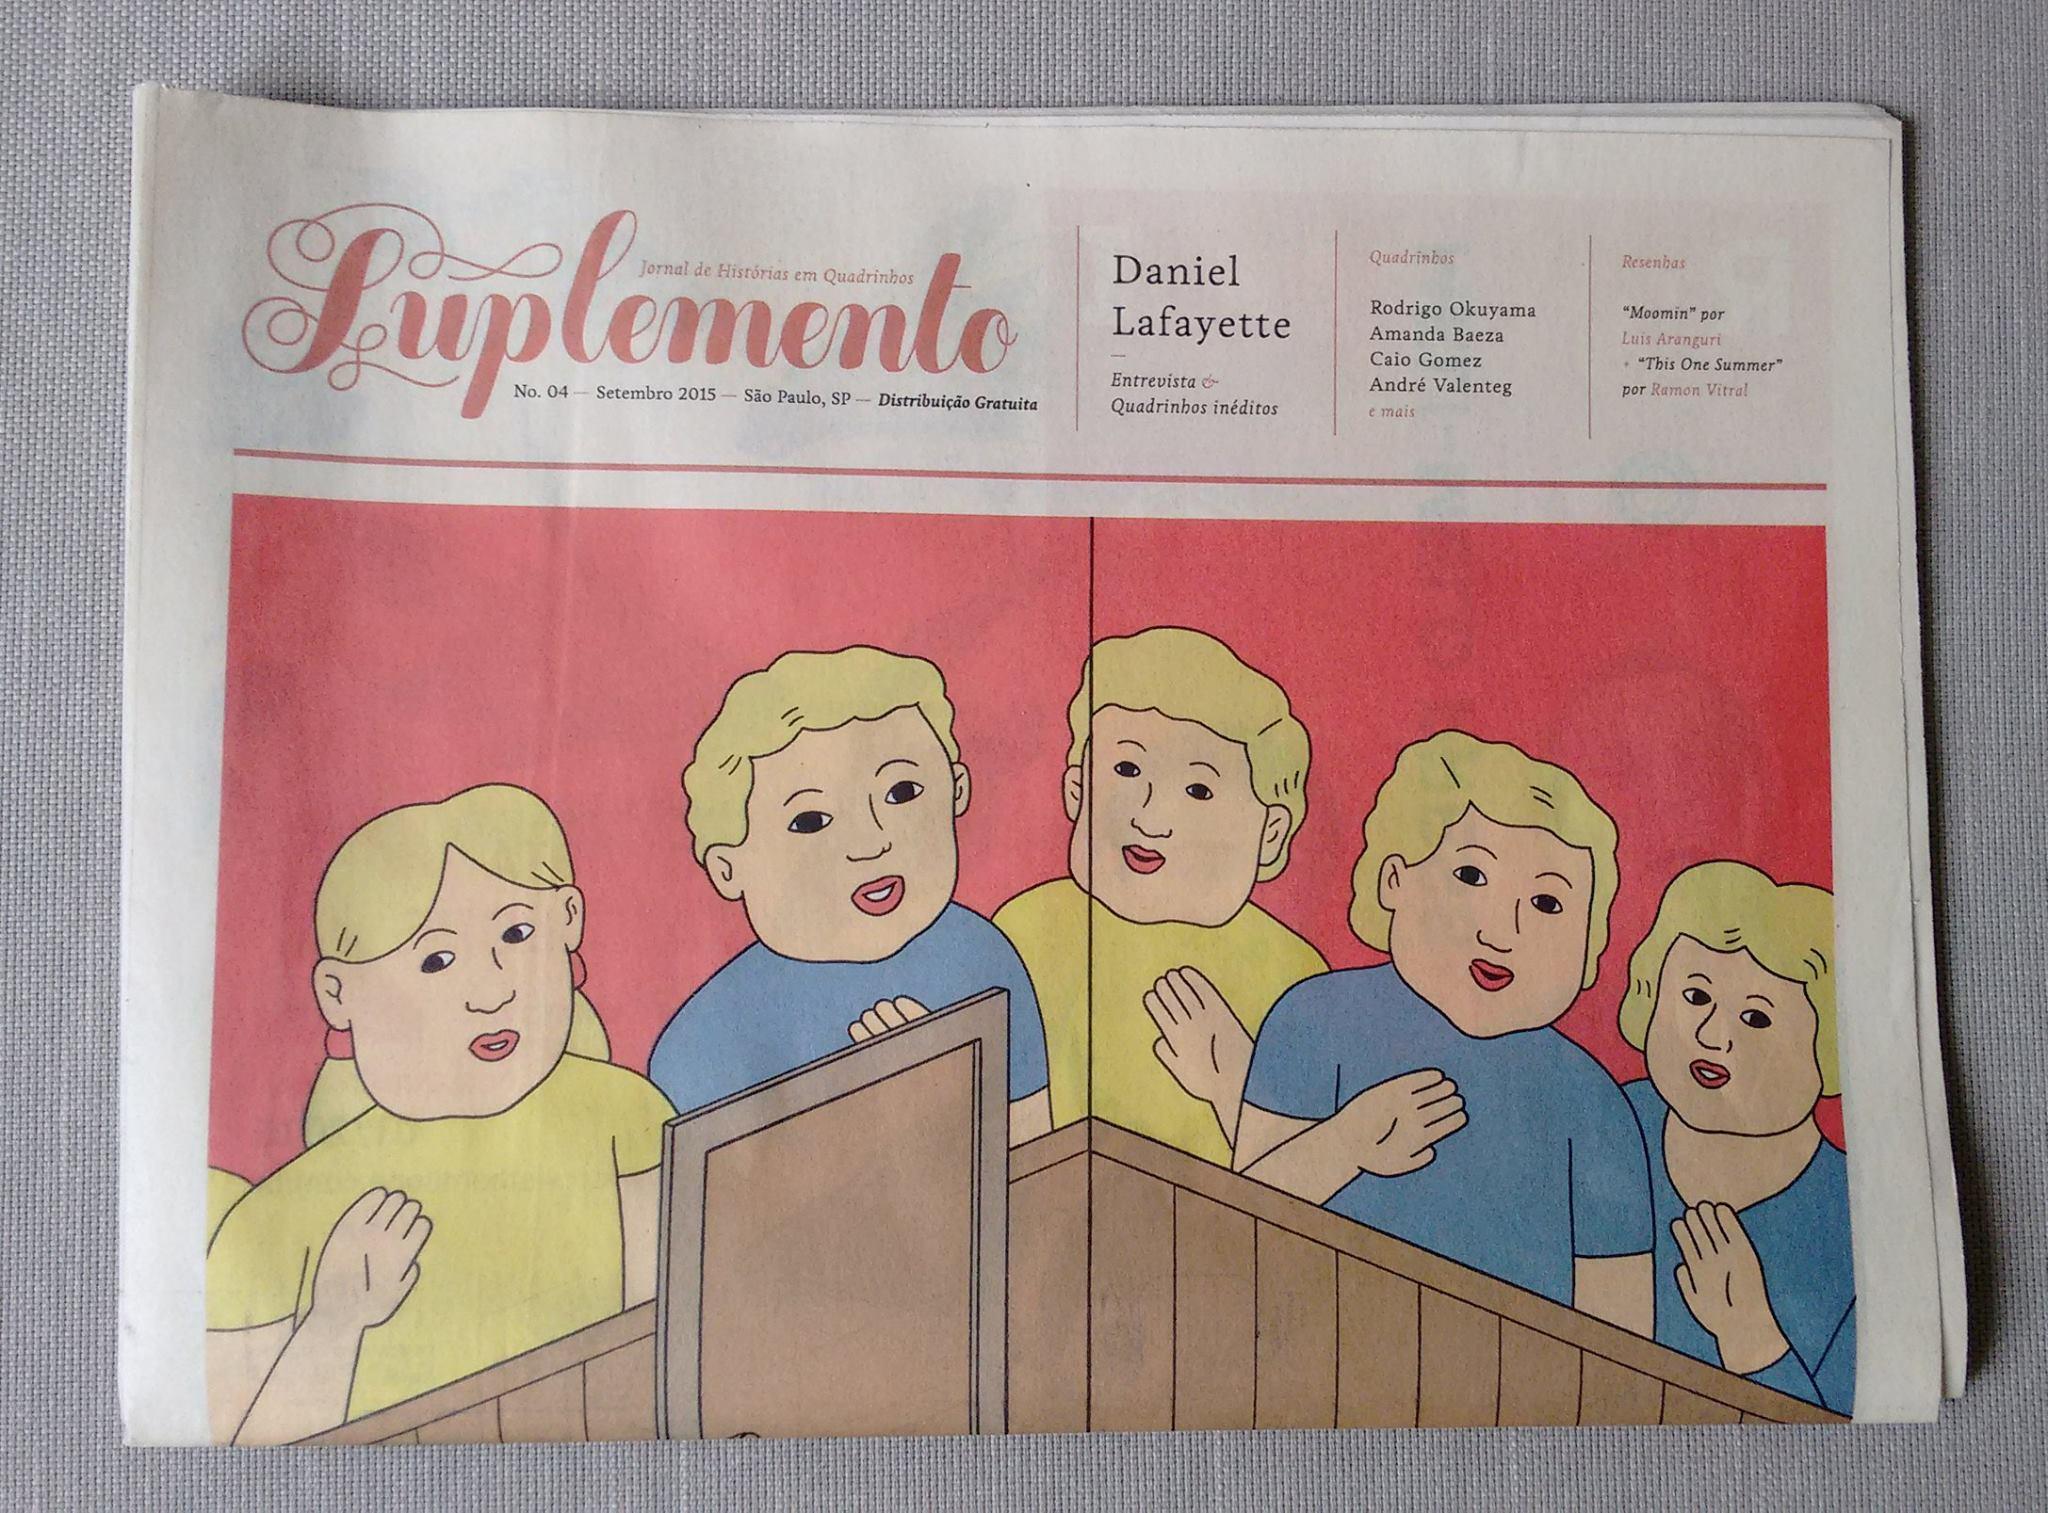 Suplemento - Jornal trimestral de 2014, com entrevistas e quadrinhos. Foi distribuído gratuitamente em livrarias, bares e feiras de São Paulo.